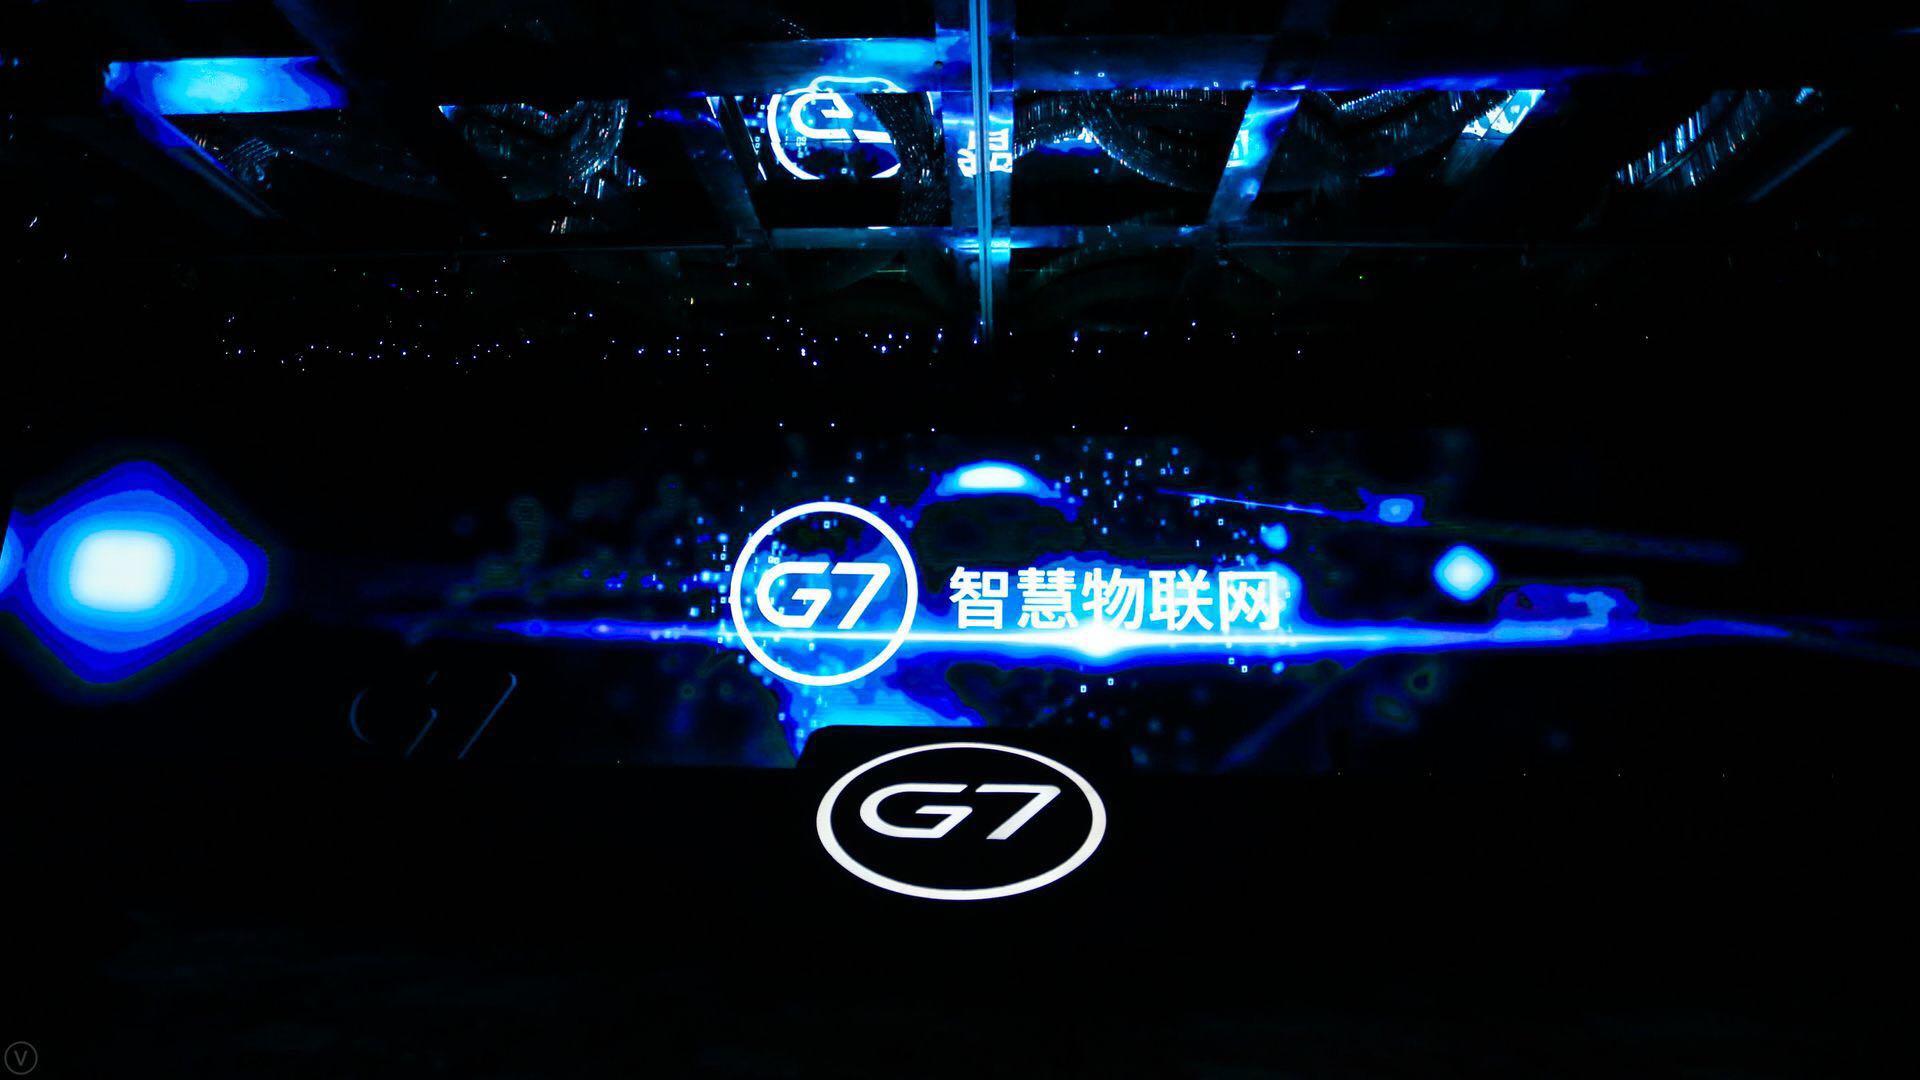 G7伙伴大会火热开幕,三大战略产品耀眼面世布局智慧物联网未来